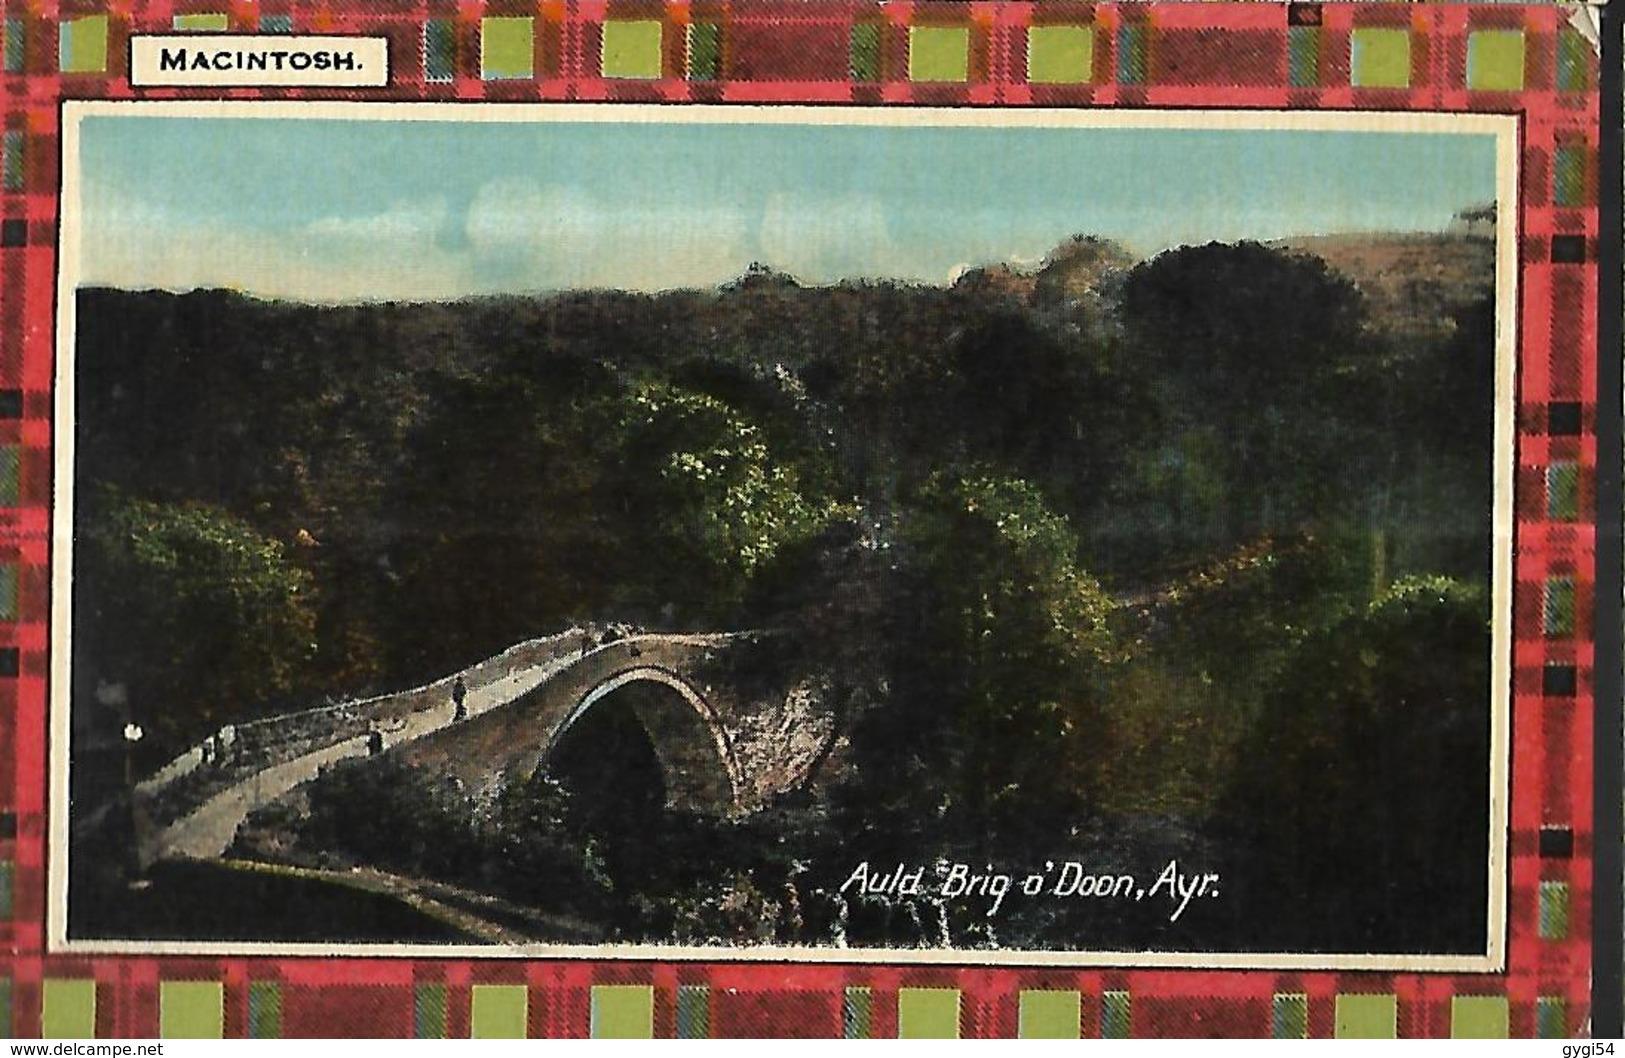 Auld    Brig 0' Doon  Ayr     Série N° 4542 Macintosh - Ayrshire